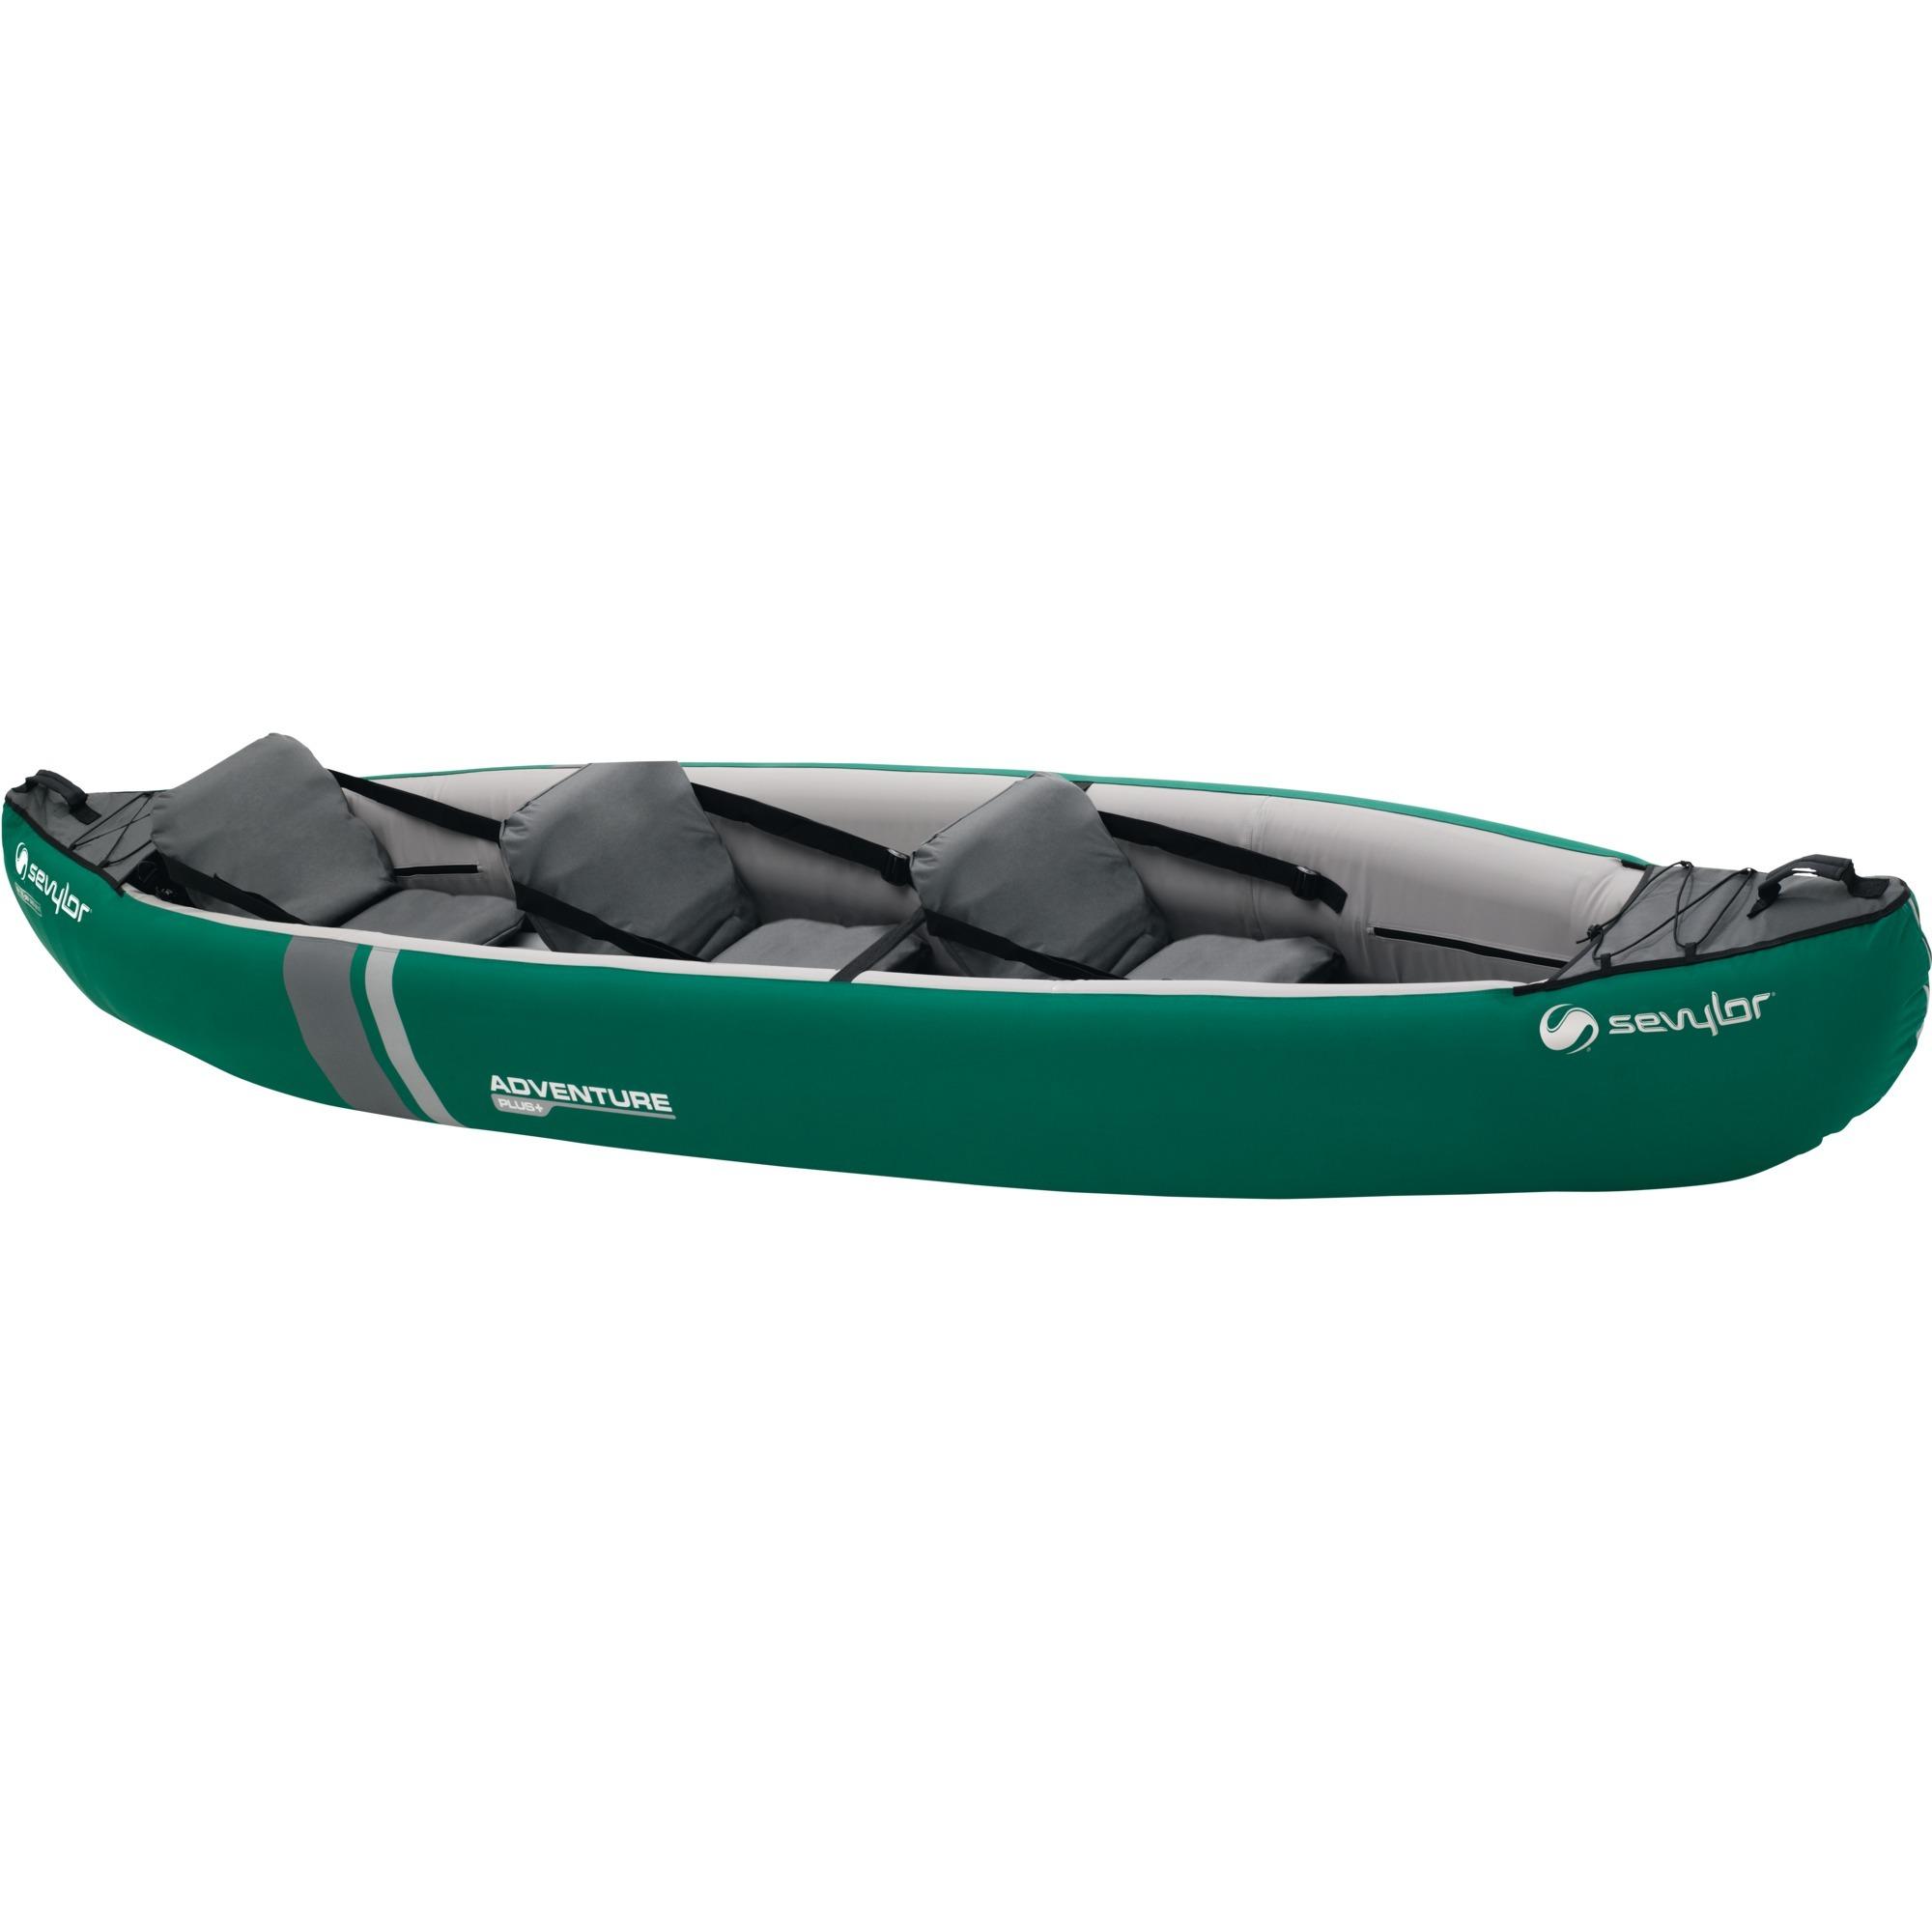 2000016740 barca hinchable, Barco inflable